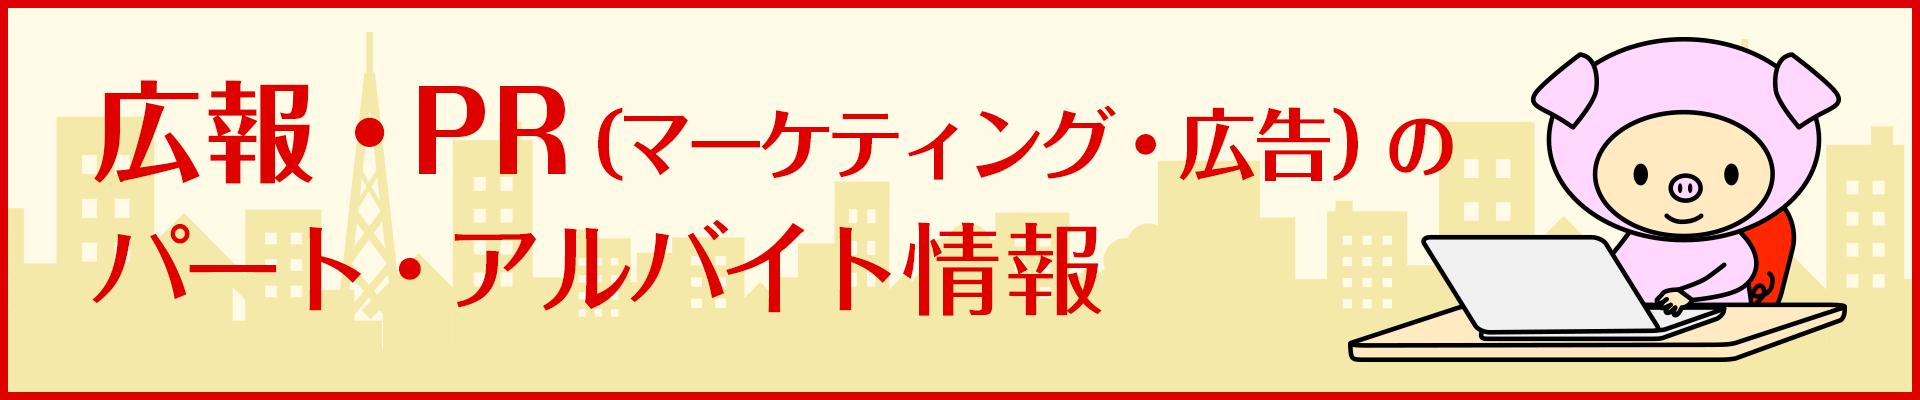 広報・PR